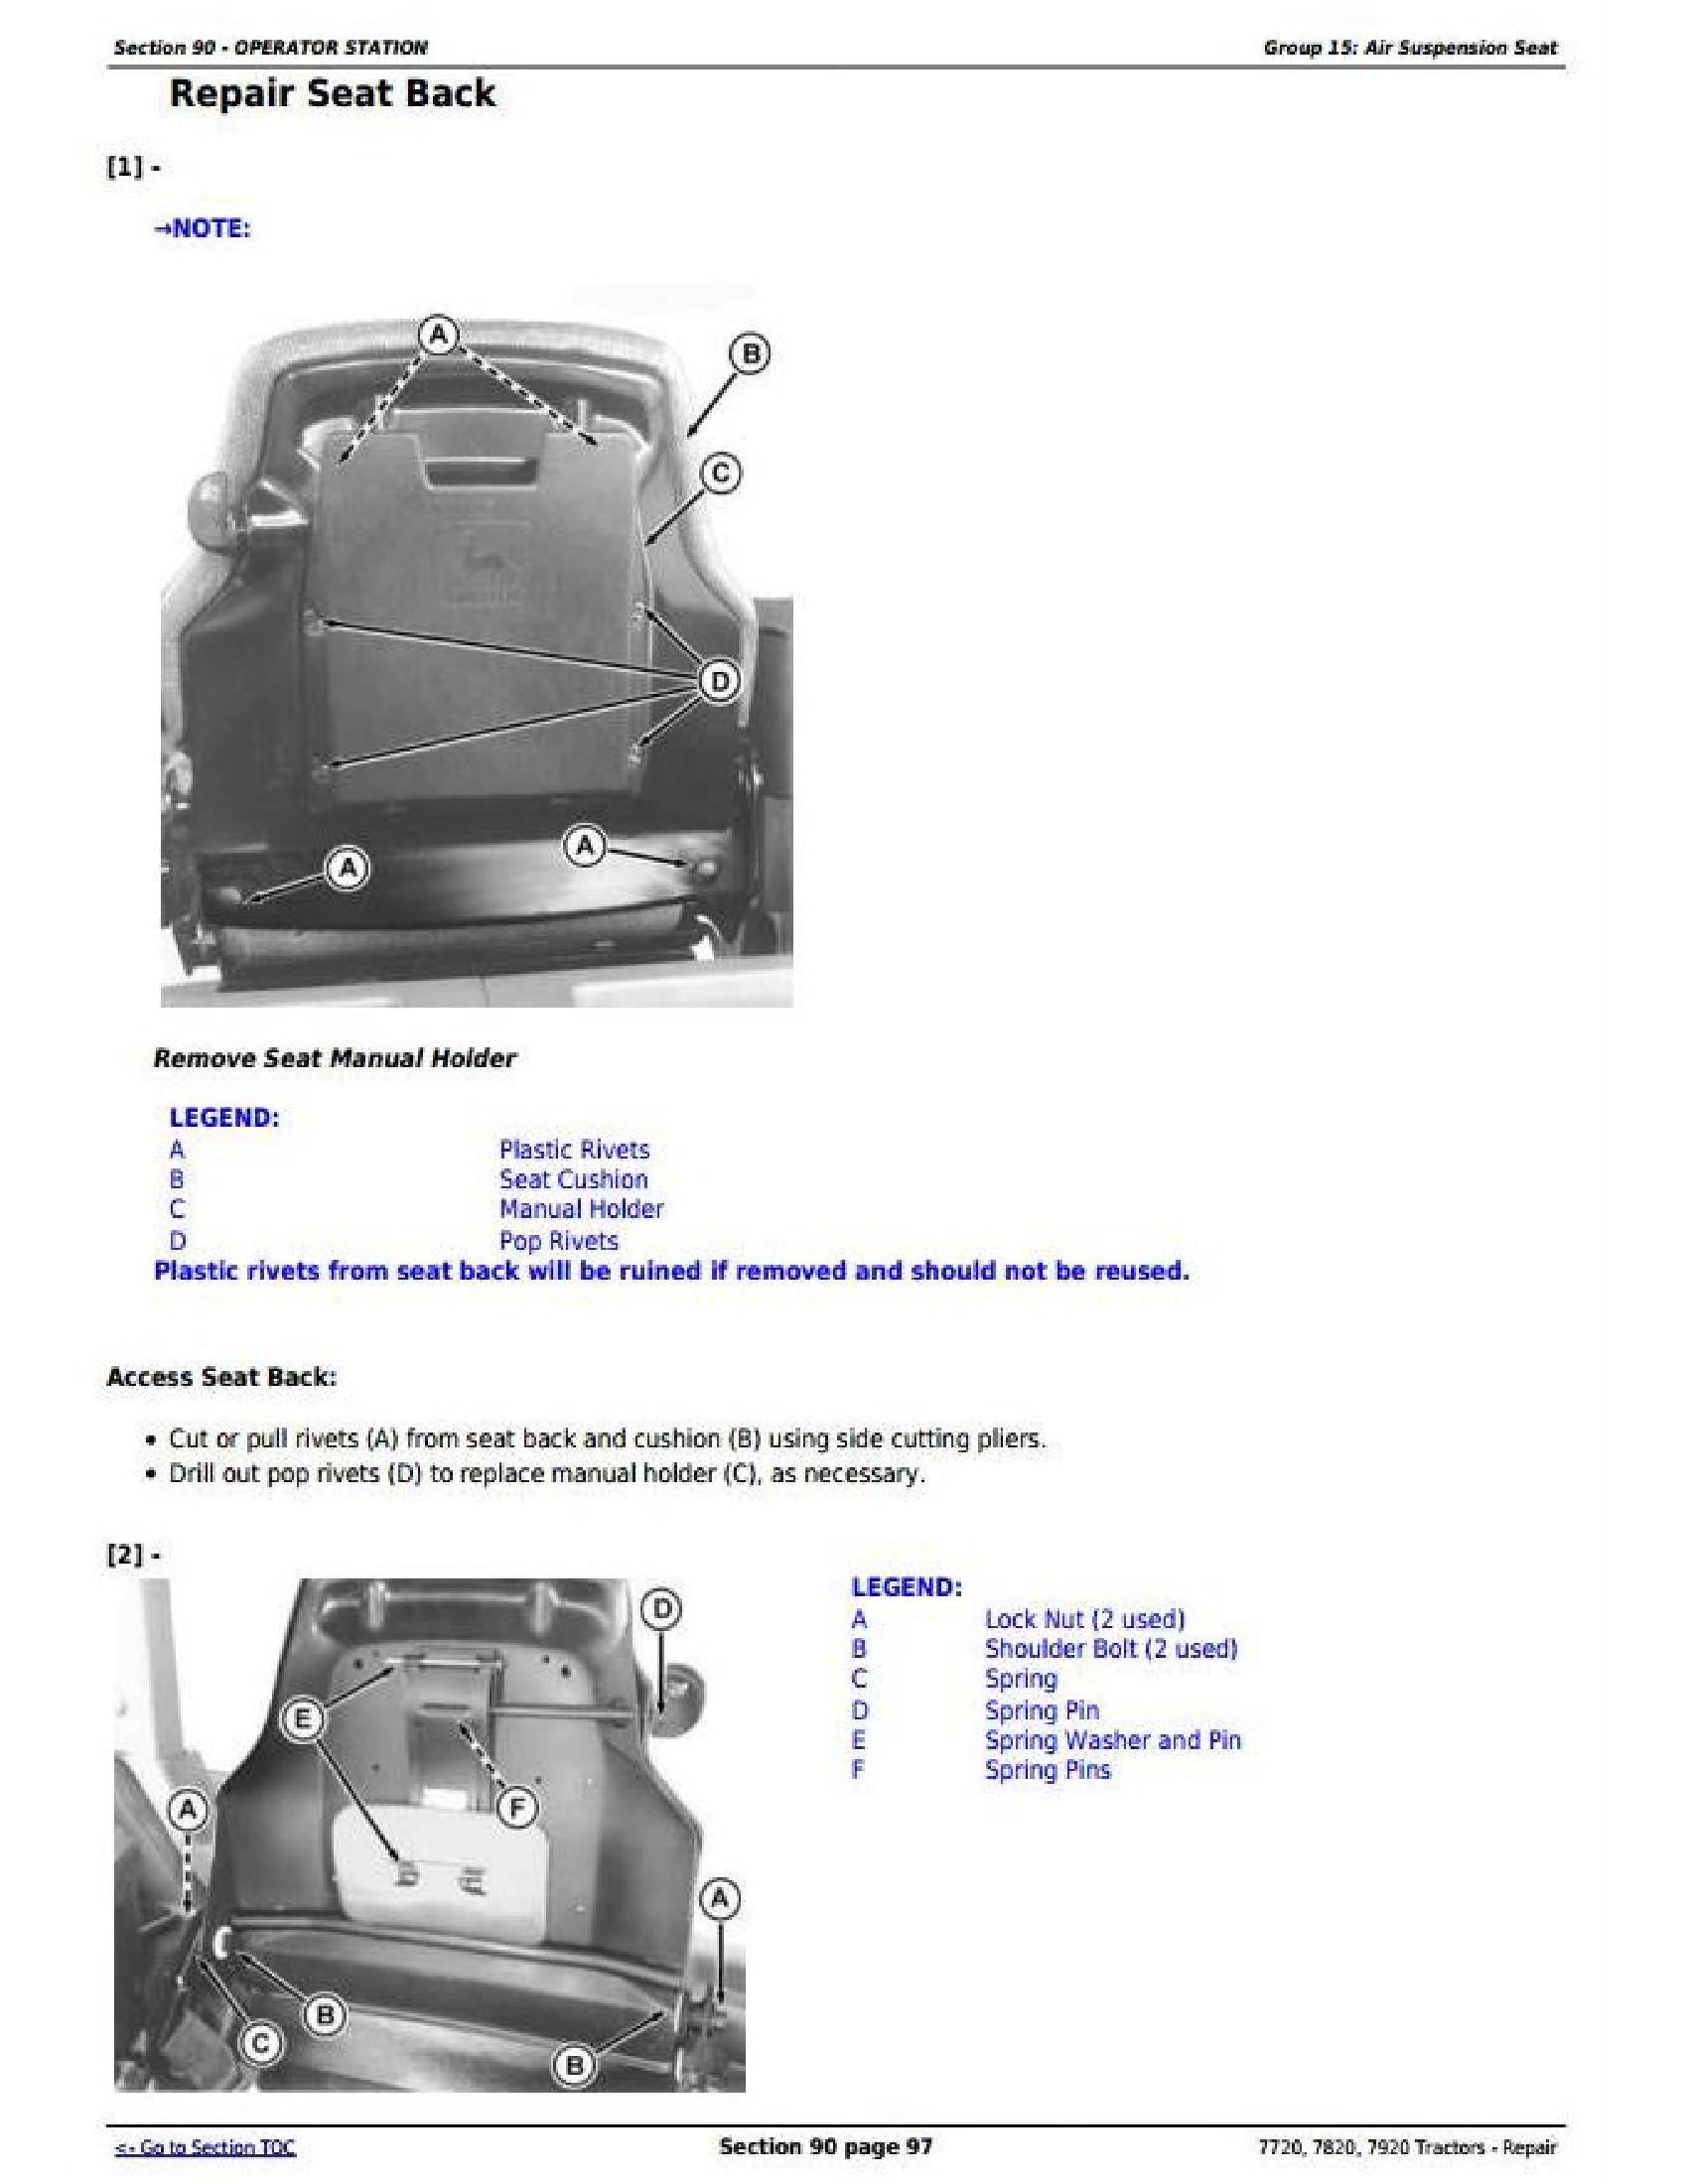 John Deere 7920 manual pdf